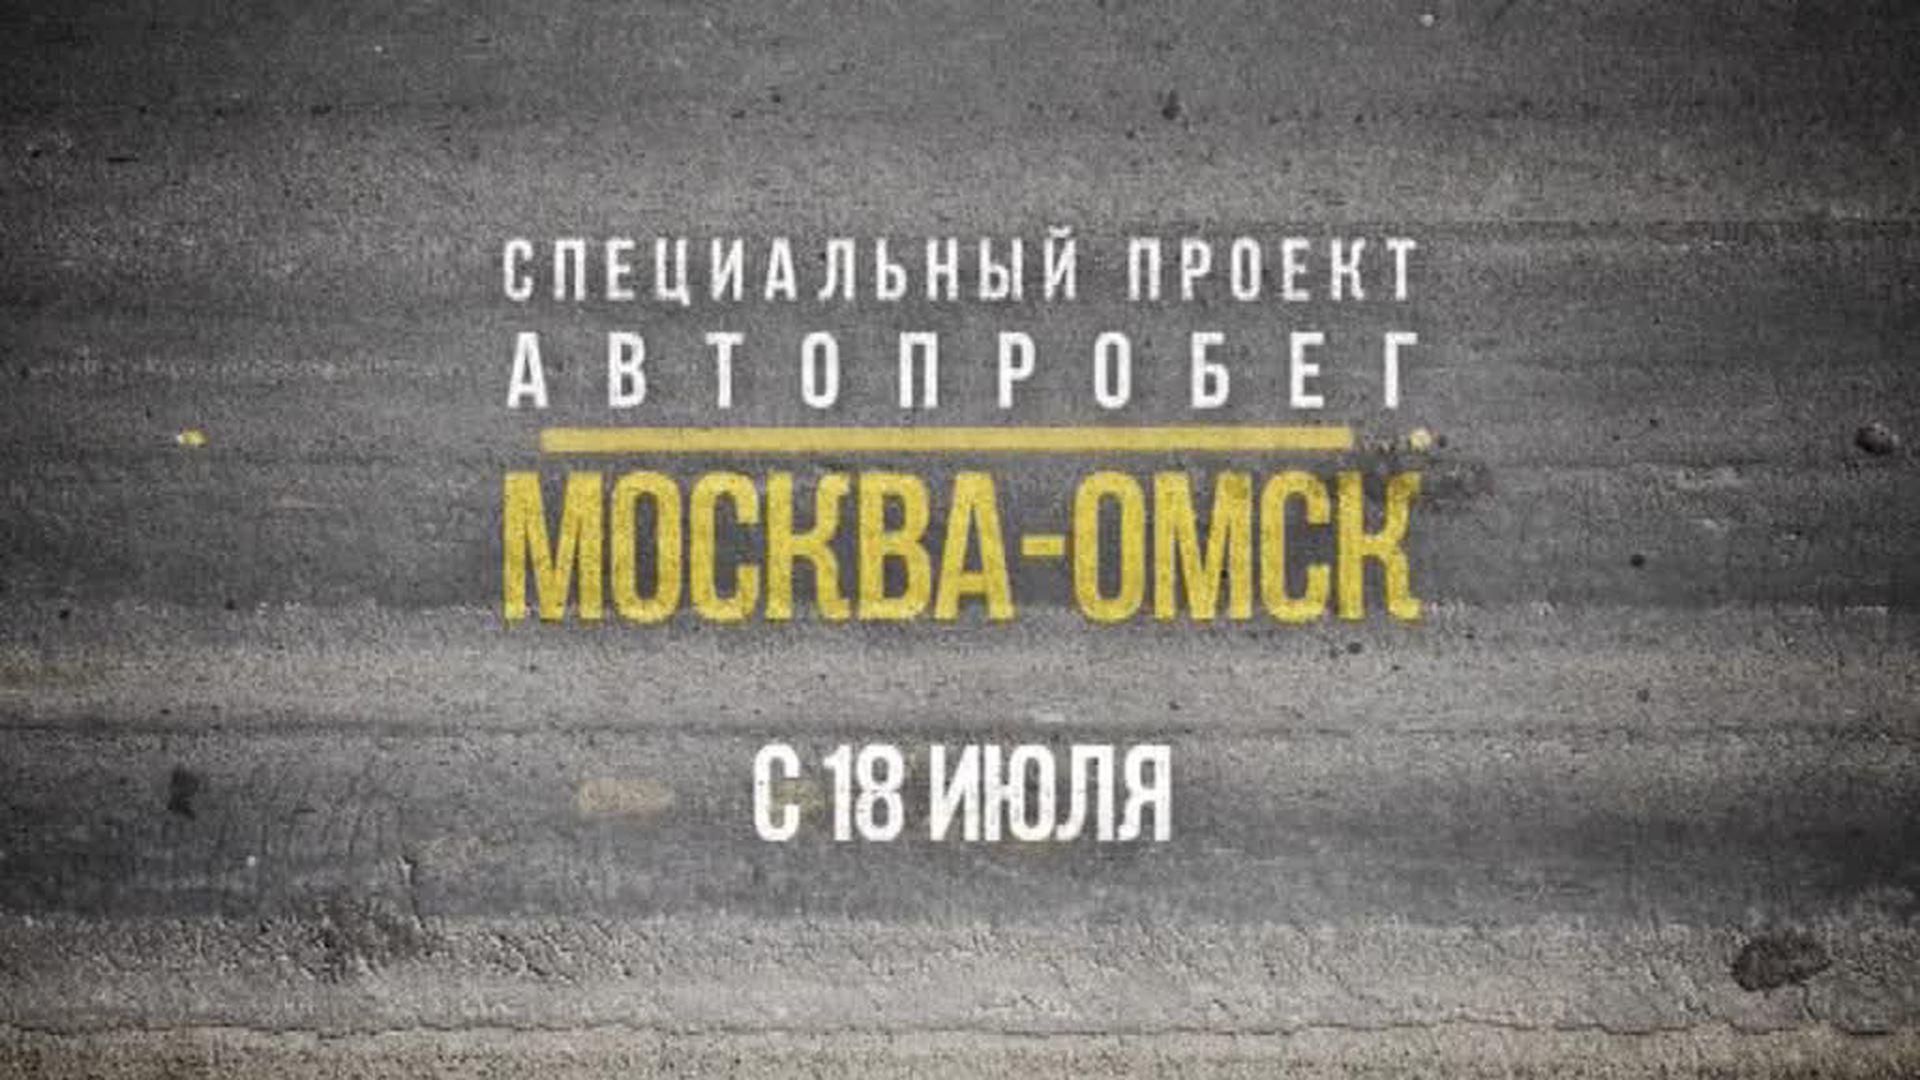 """Автопробег """"Москва - Омск"""""""